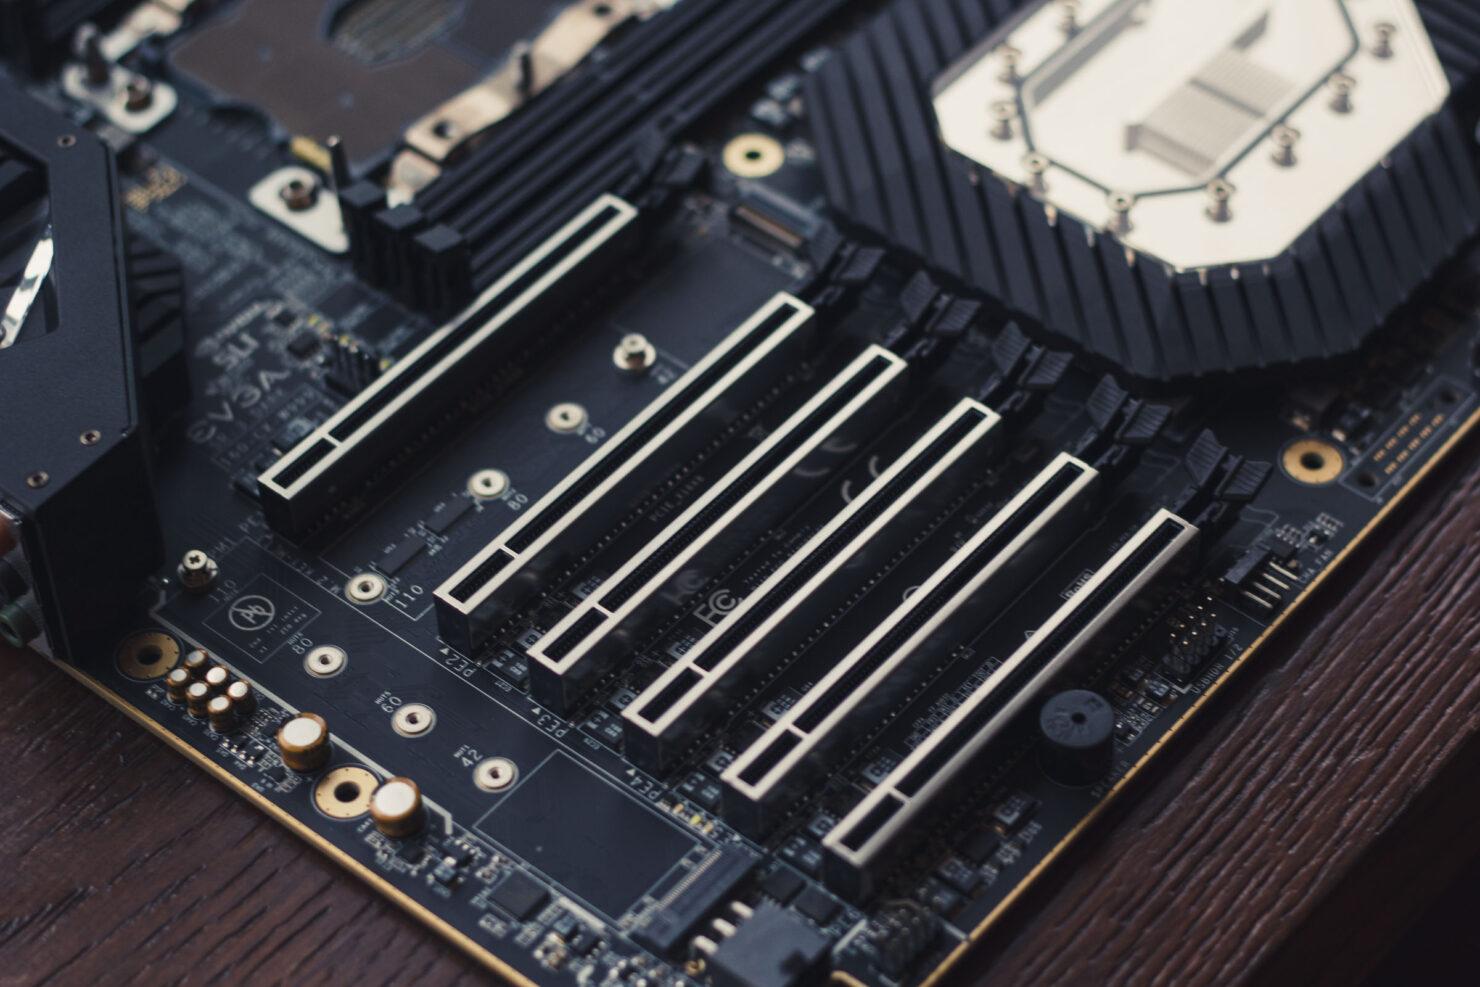 img_2386-evga-dark-sr-3-motherboard